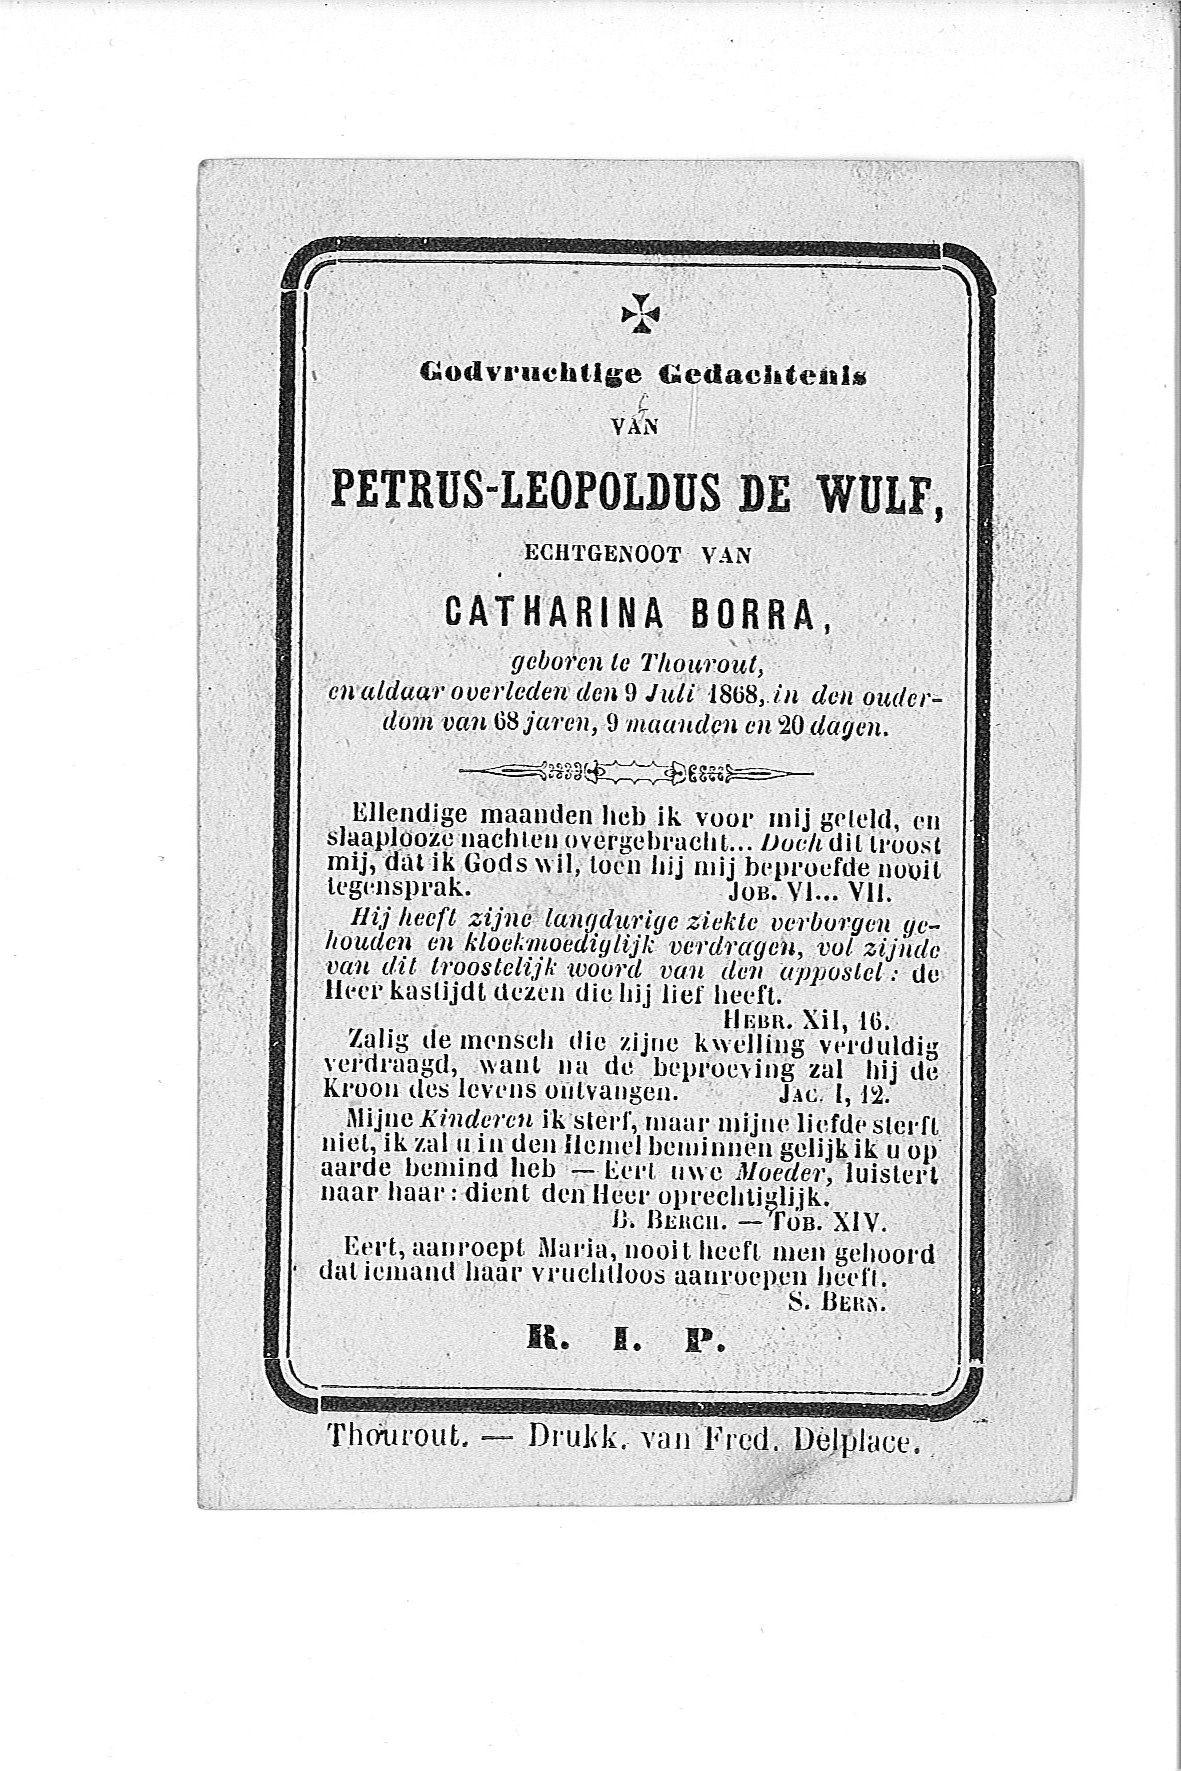 petrus-leopoldus20081127103347_00034.jpg